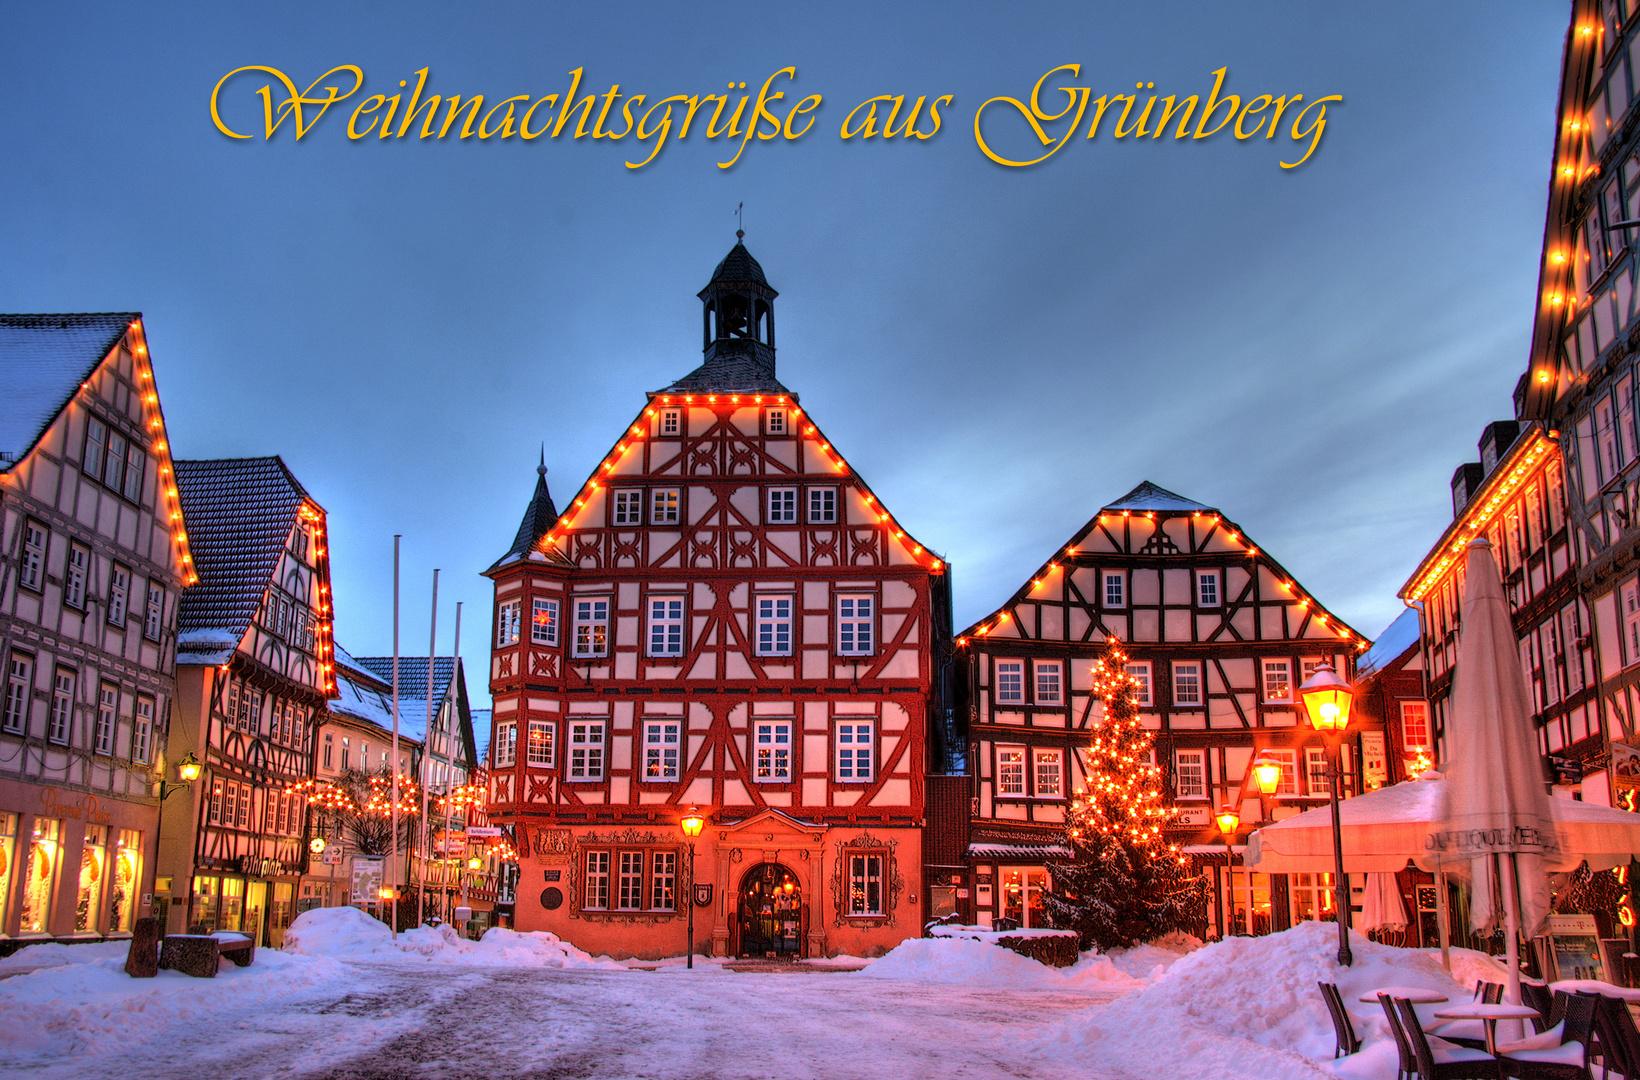 Frohe Weihnachten Aus Deutschland.Frohe Weihnachten Aus Grunberg Foto Bild Deutschland